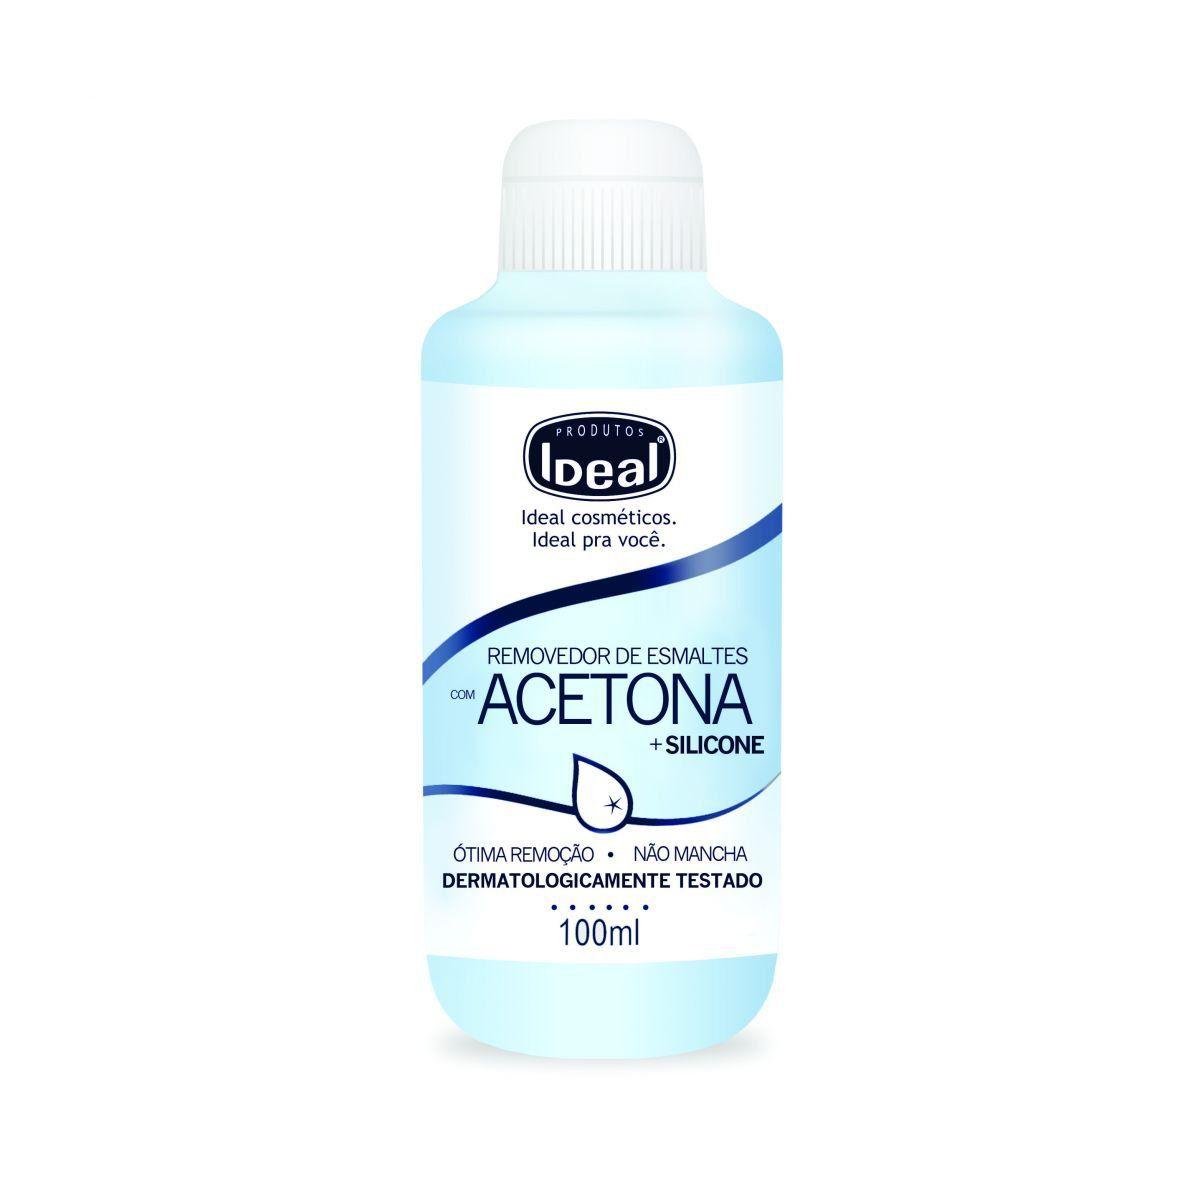 Removedor de Esmaltes com Acetona e Silicone 100ml - Ideal